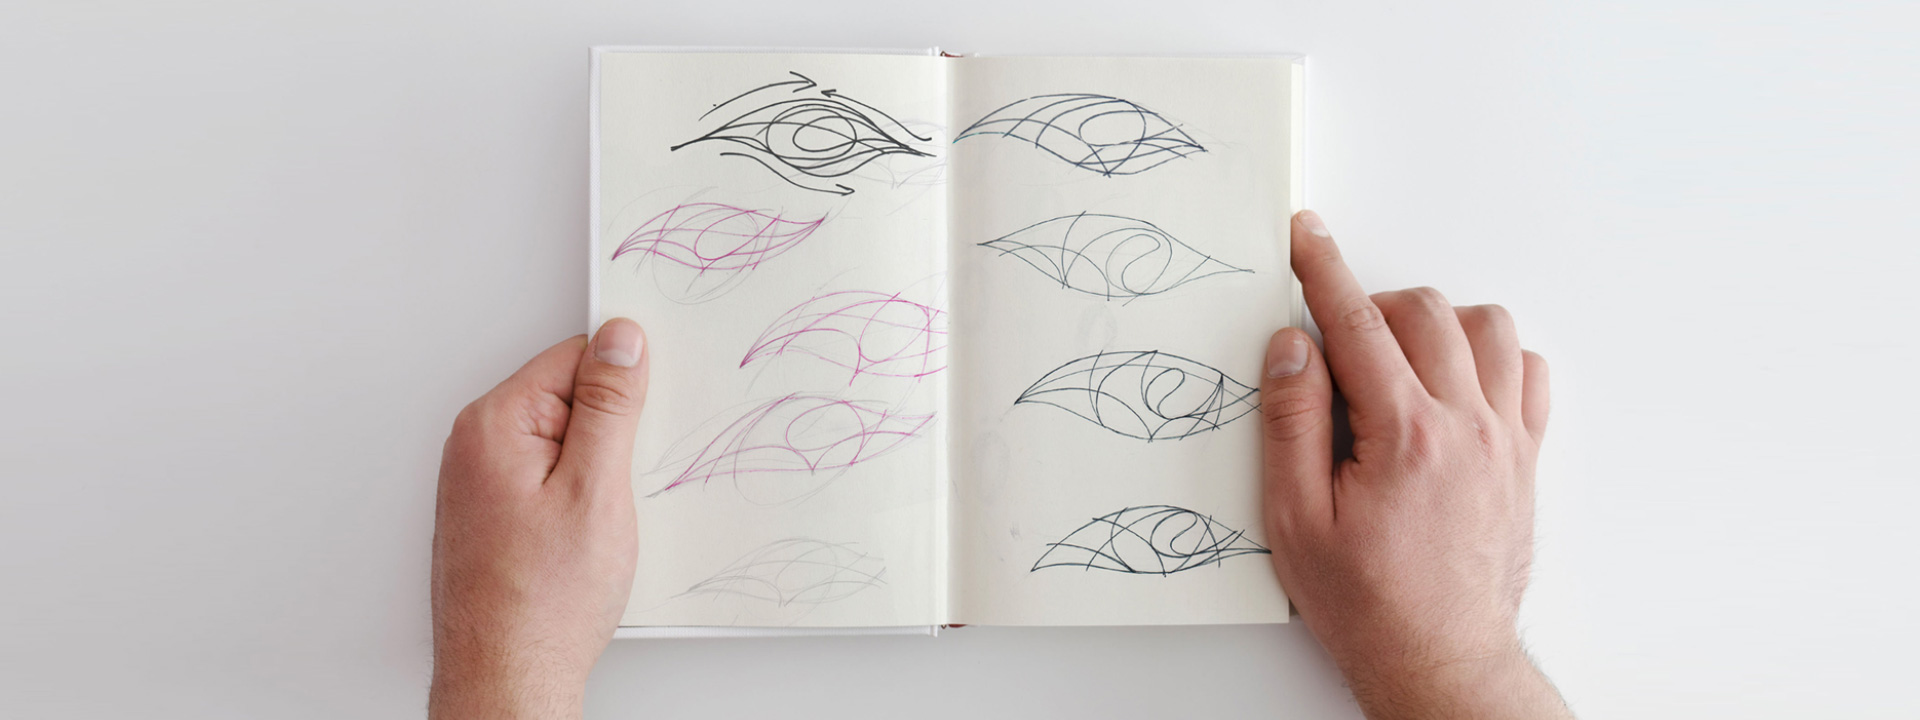 enova-logo-sketch-02